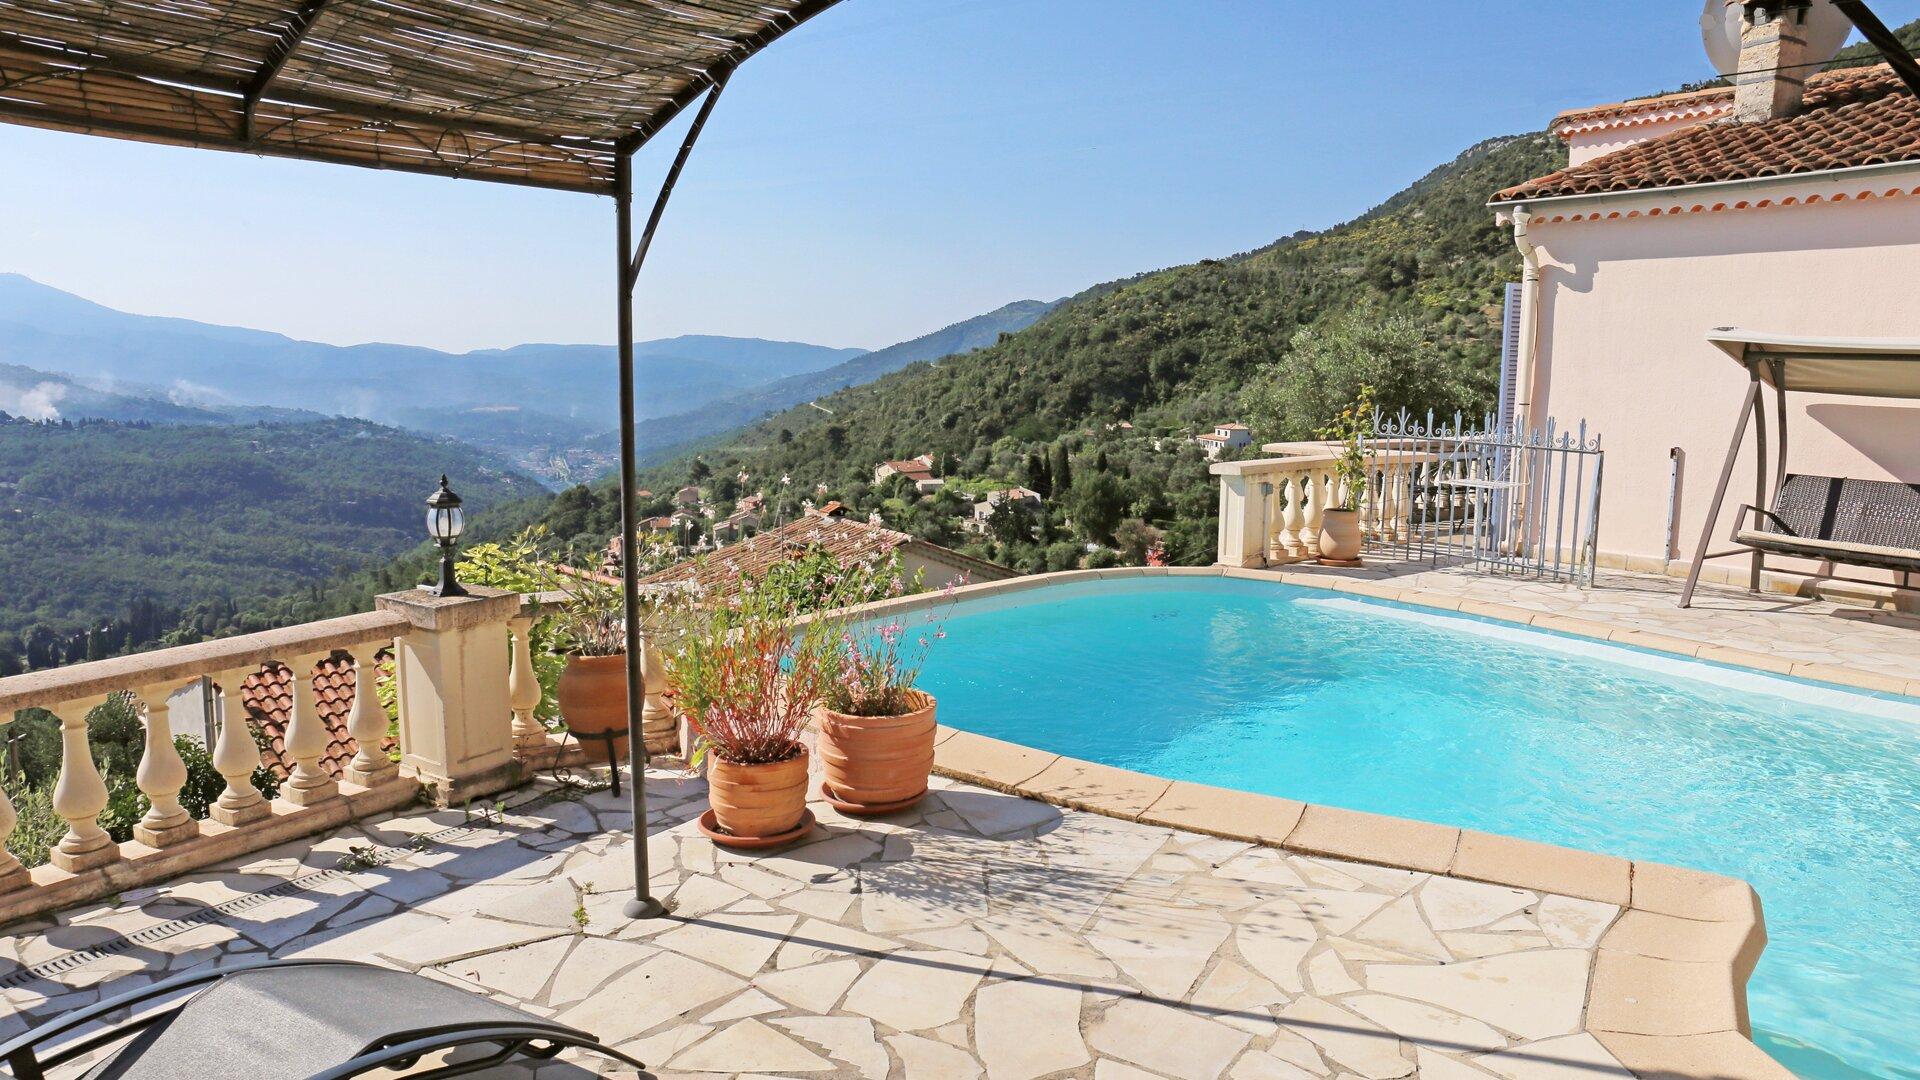 Der private Pool und die schöne Aussicht